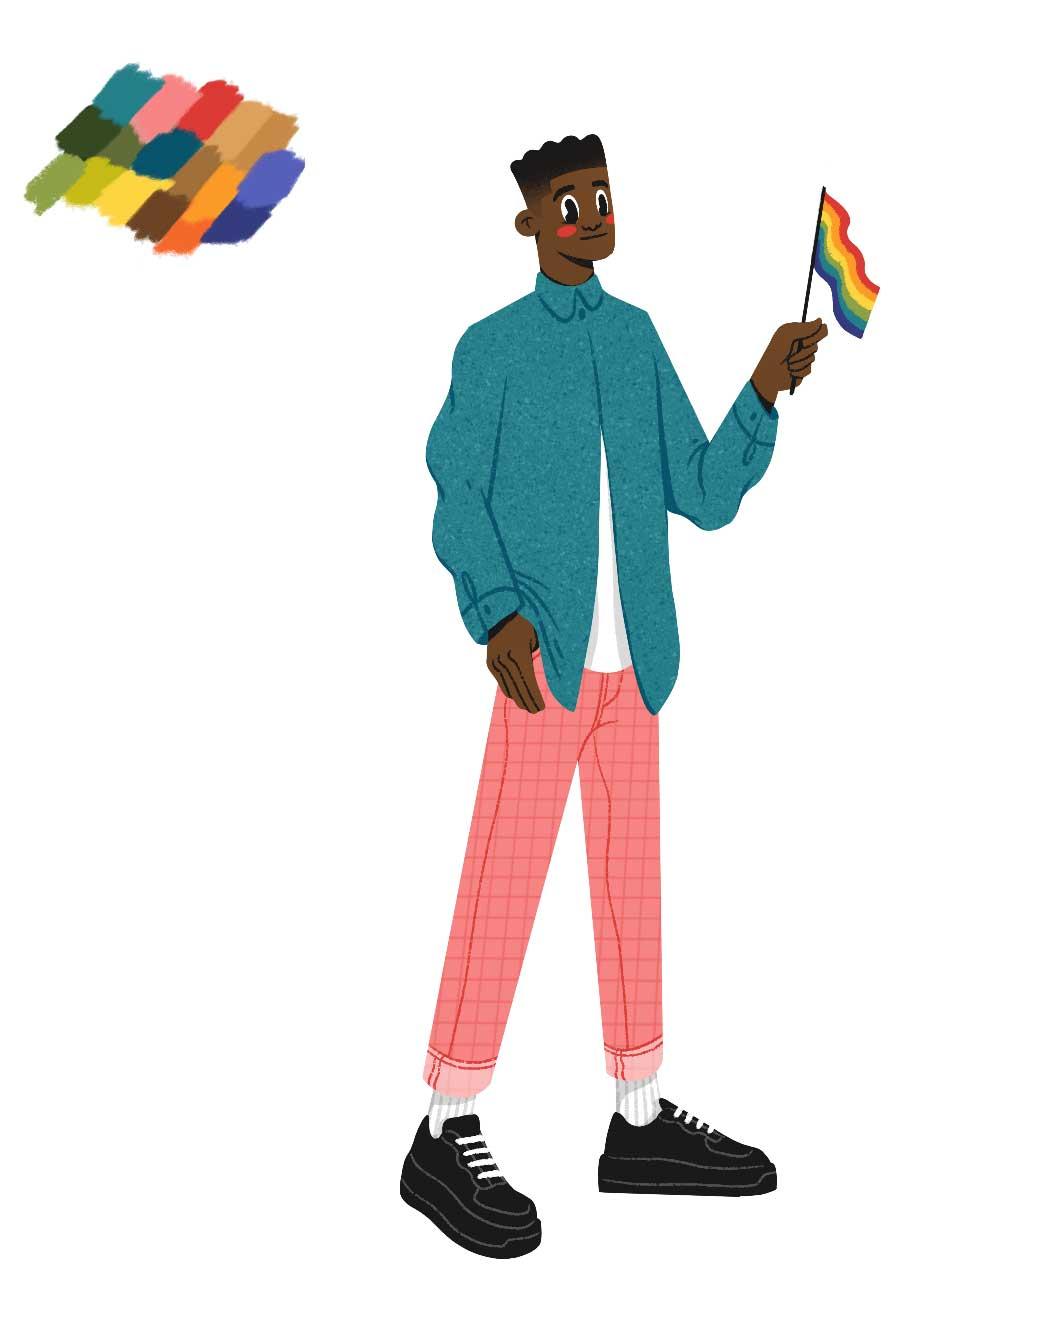 LGBTQ_Kid_4